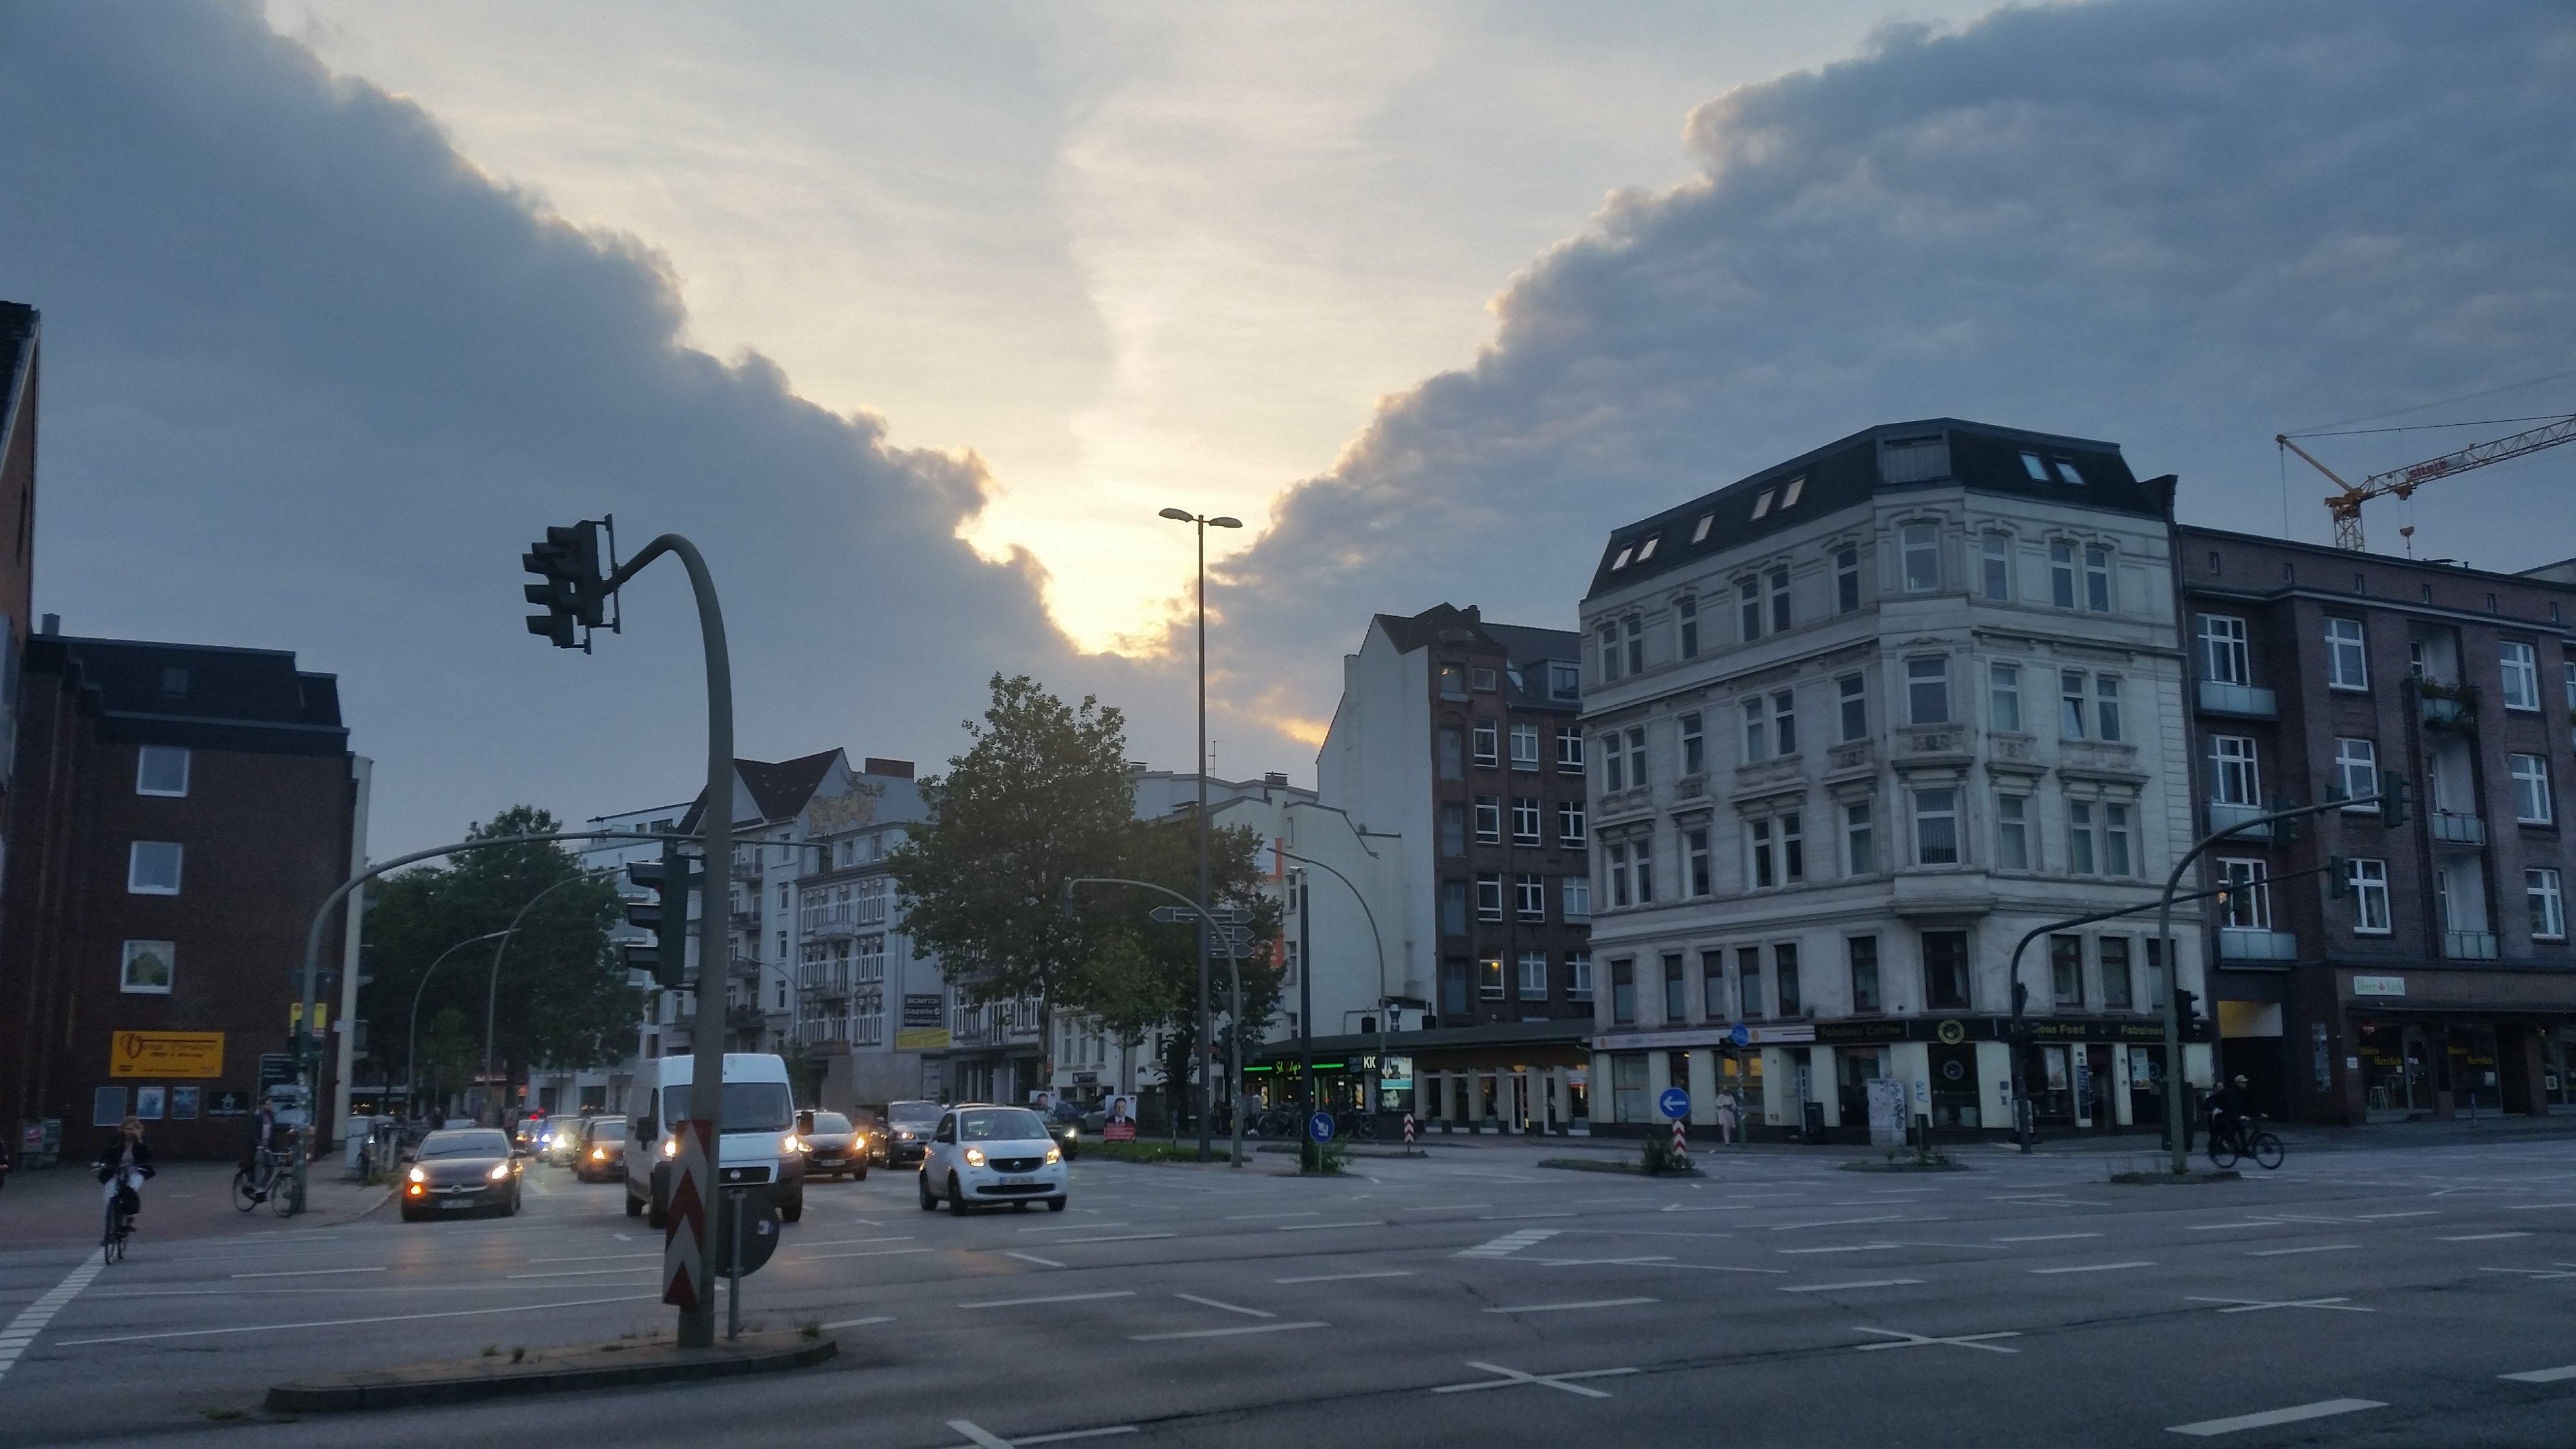 Wer wird denn da behaupten, in Hamburg gäbe es keine Berge